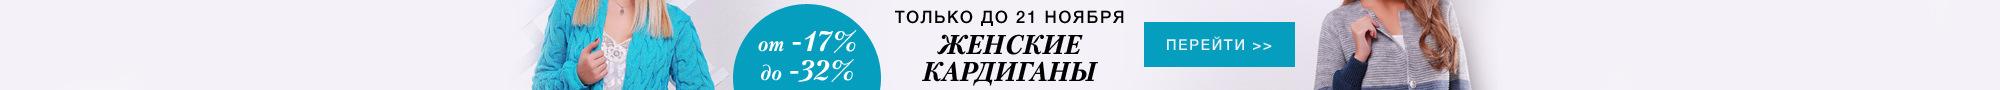 Скидки от -17% до -32% на коллекцию Женских кардиганов сезона Зима 2017/18